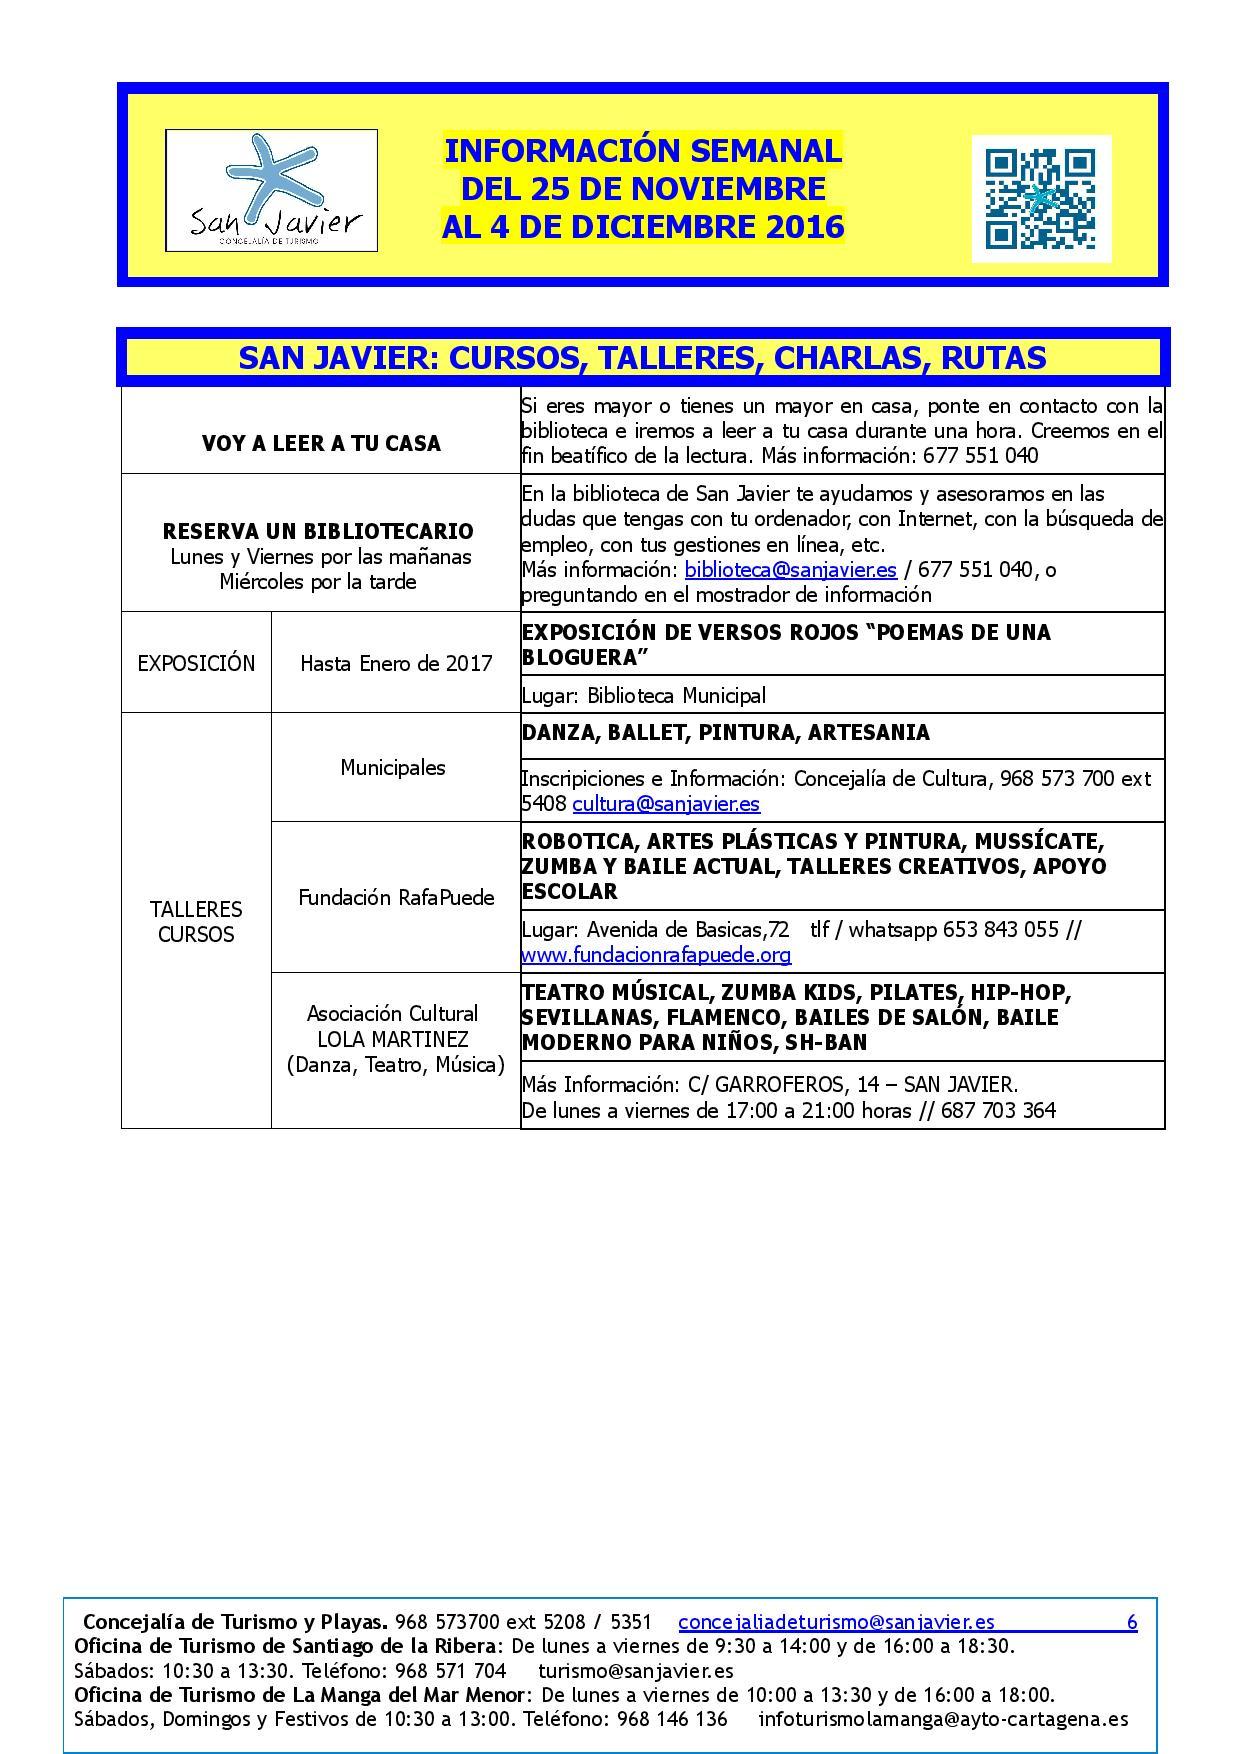 del-25-de-nov-al-4-de-dic-page-006